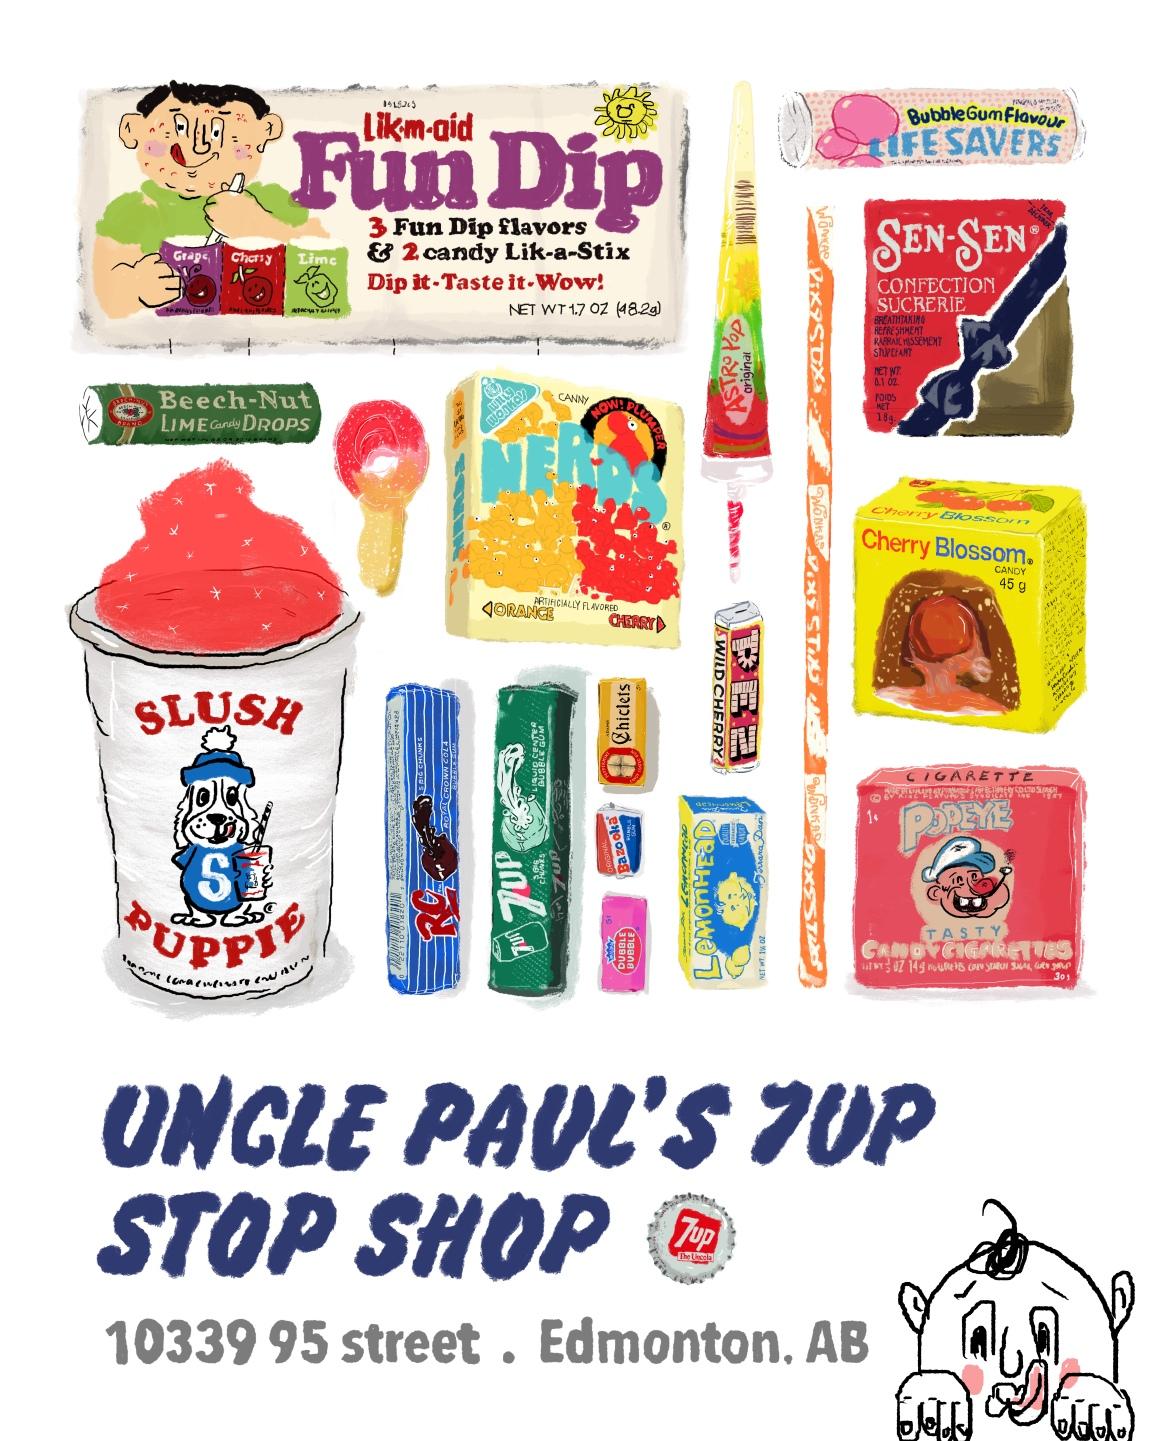 unclepauls2.jpg